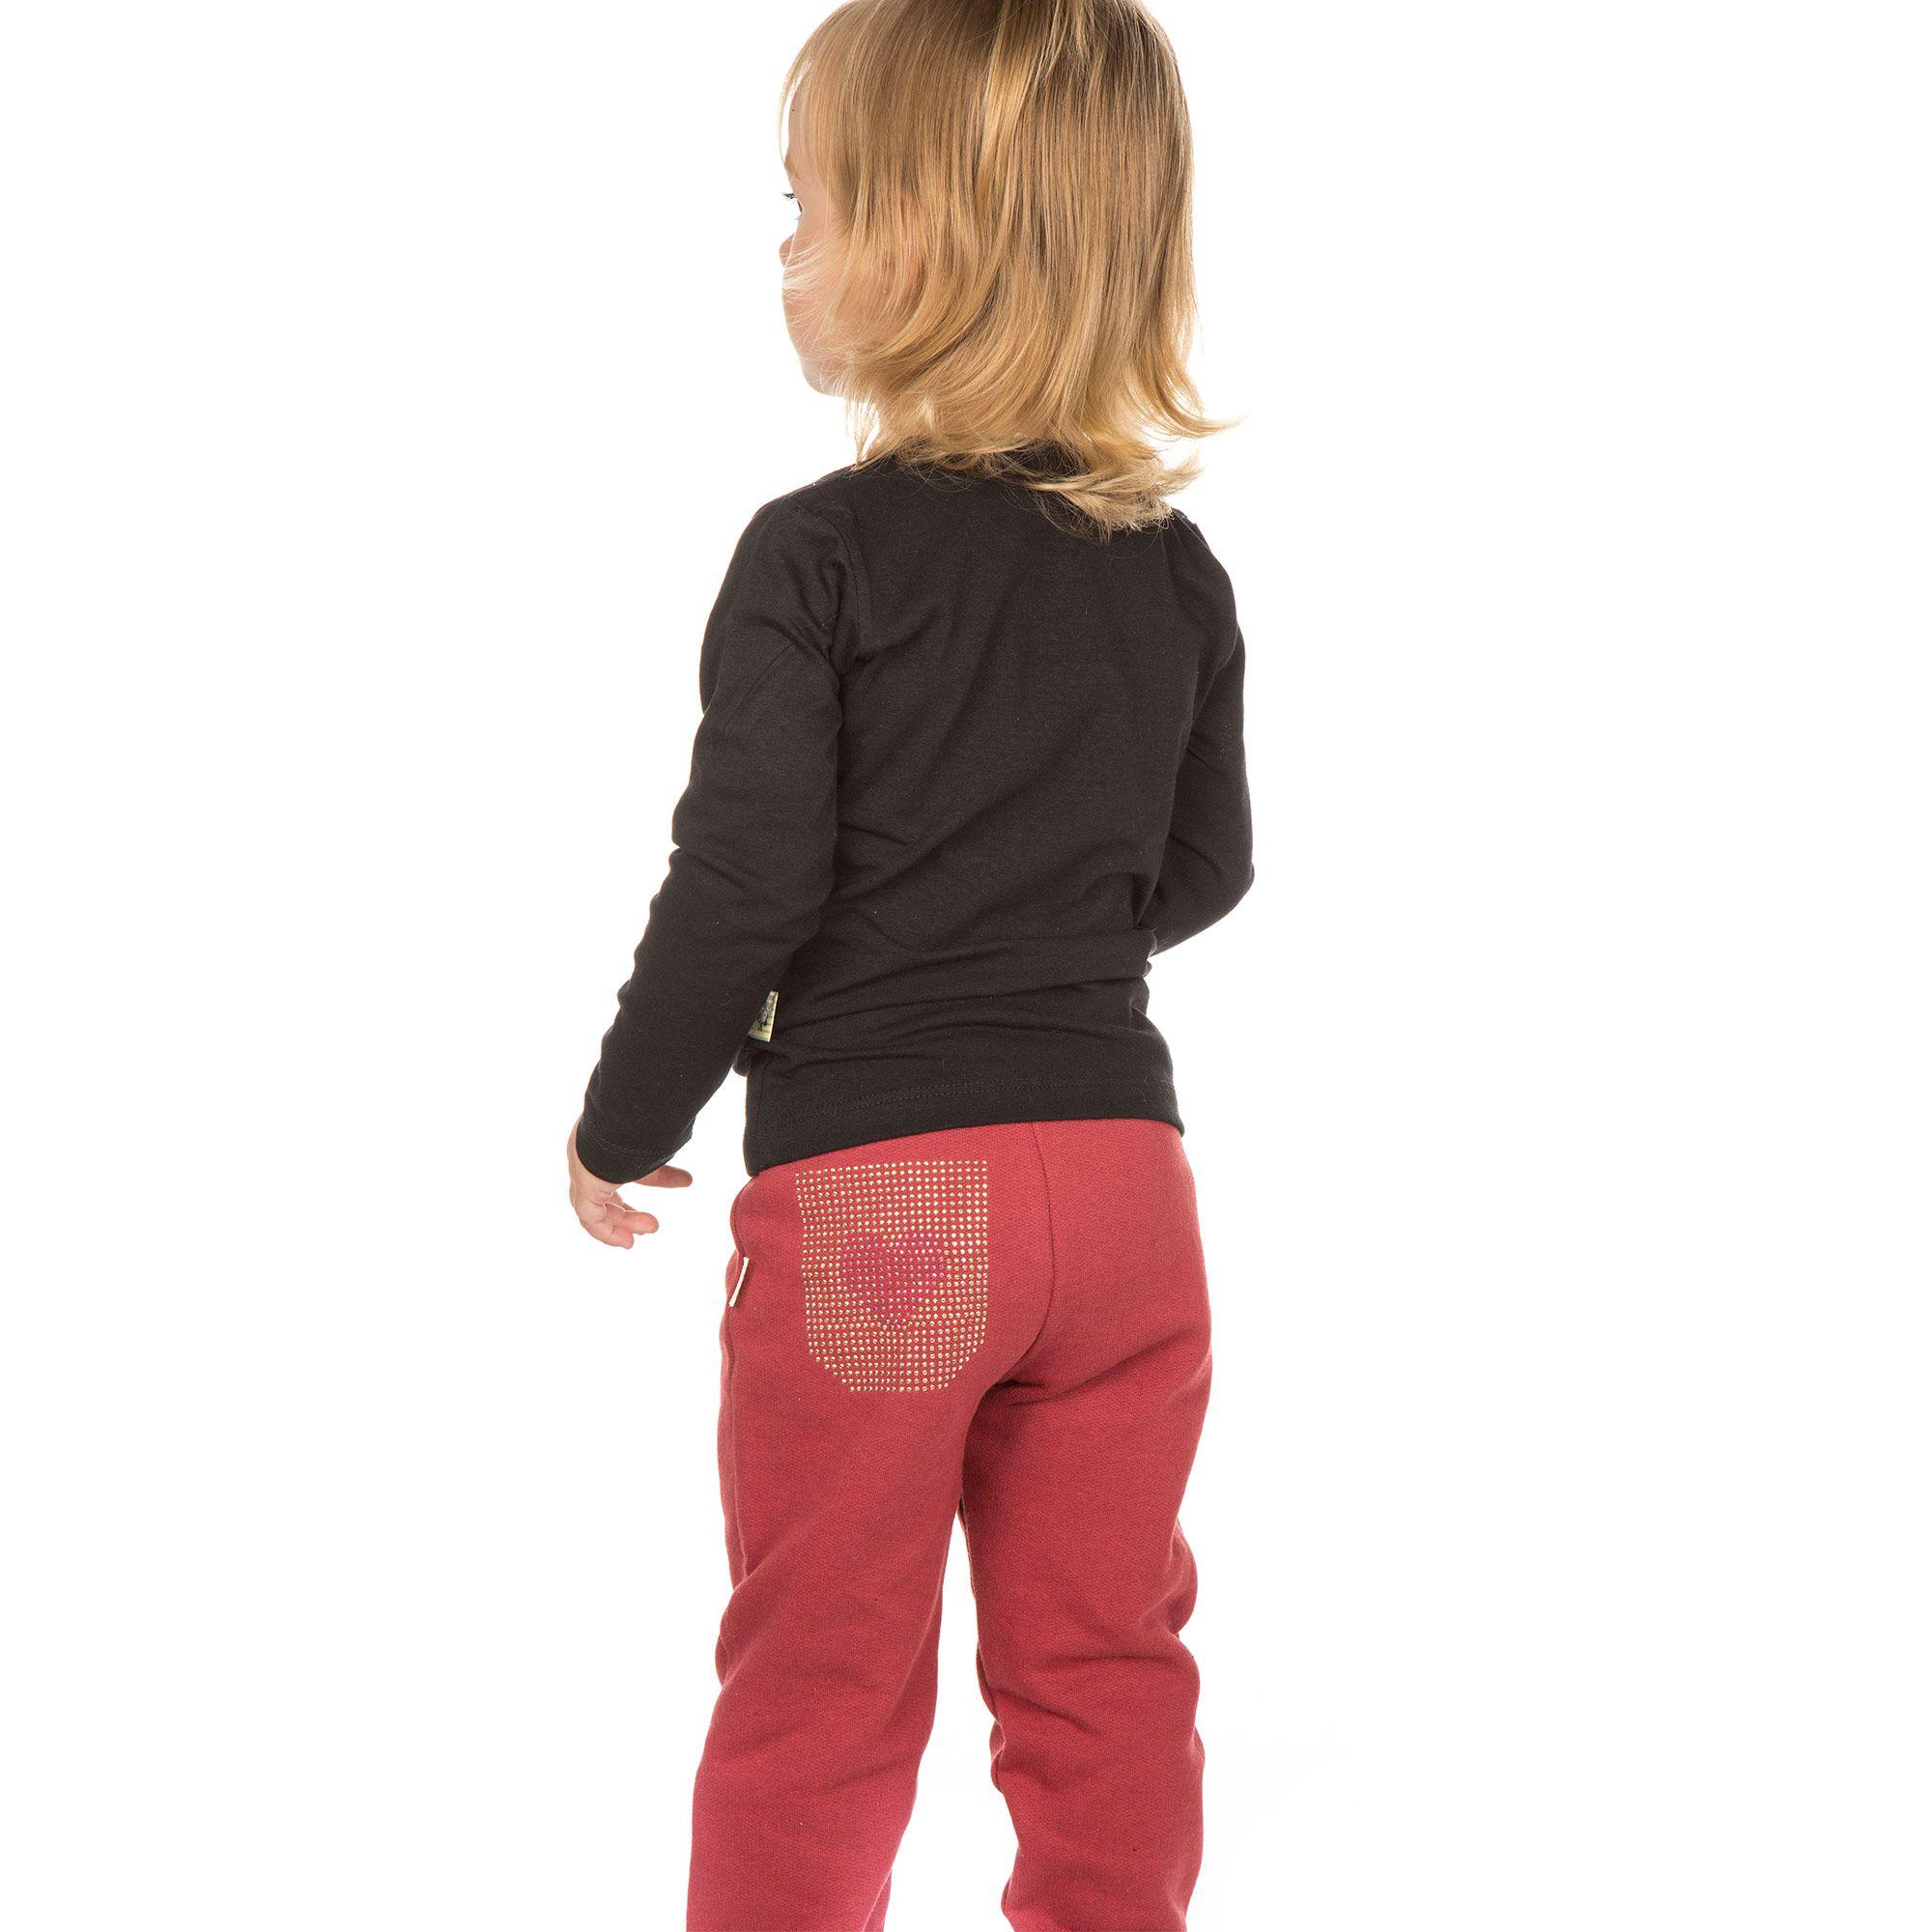 Calça de Moletom Infantil - Ref 4965 - Ameixa